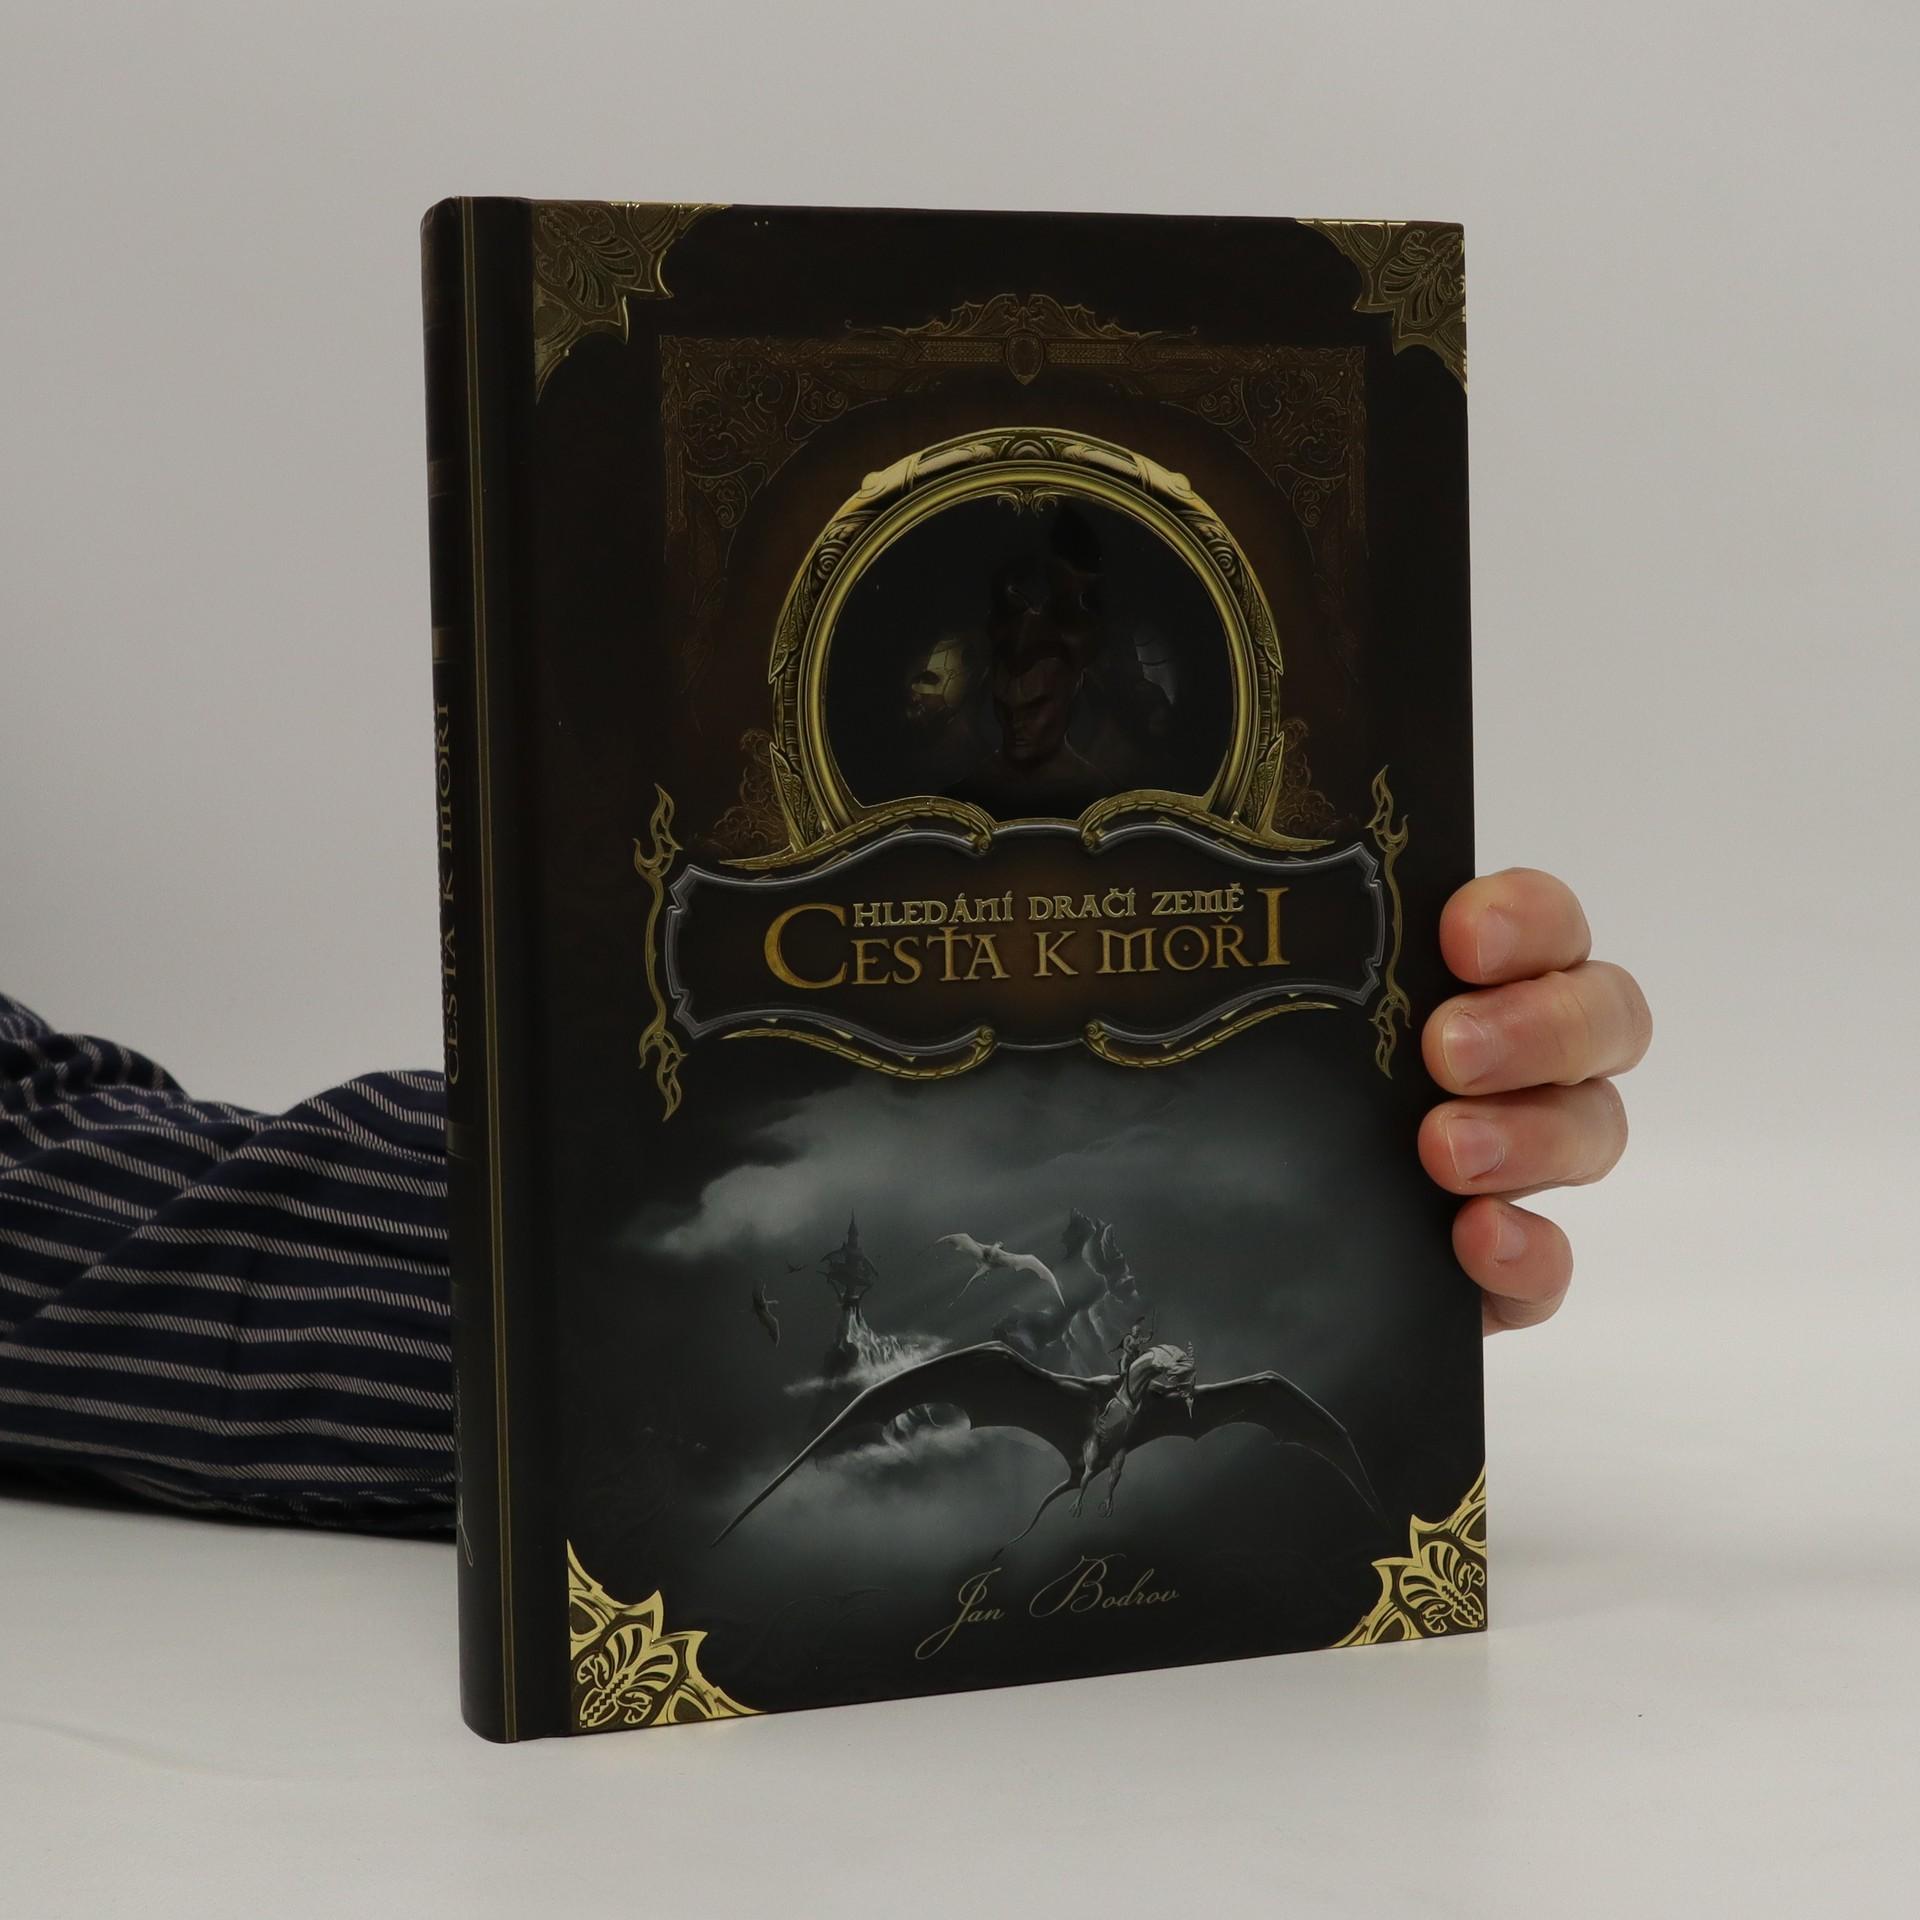 antikvární kniha Hledání dračí země. Cesta k moři, 2017